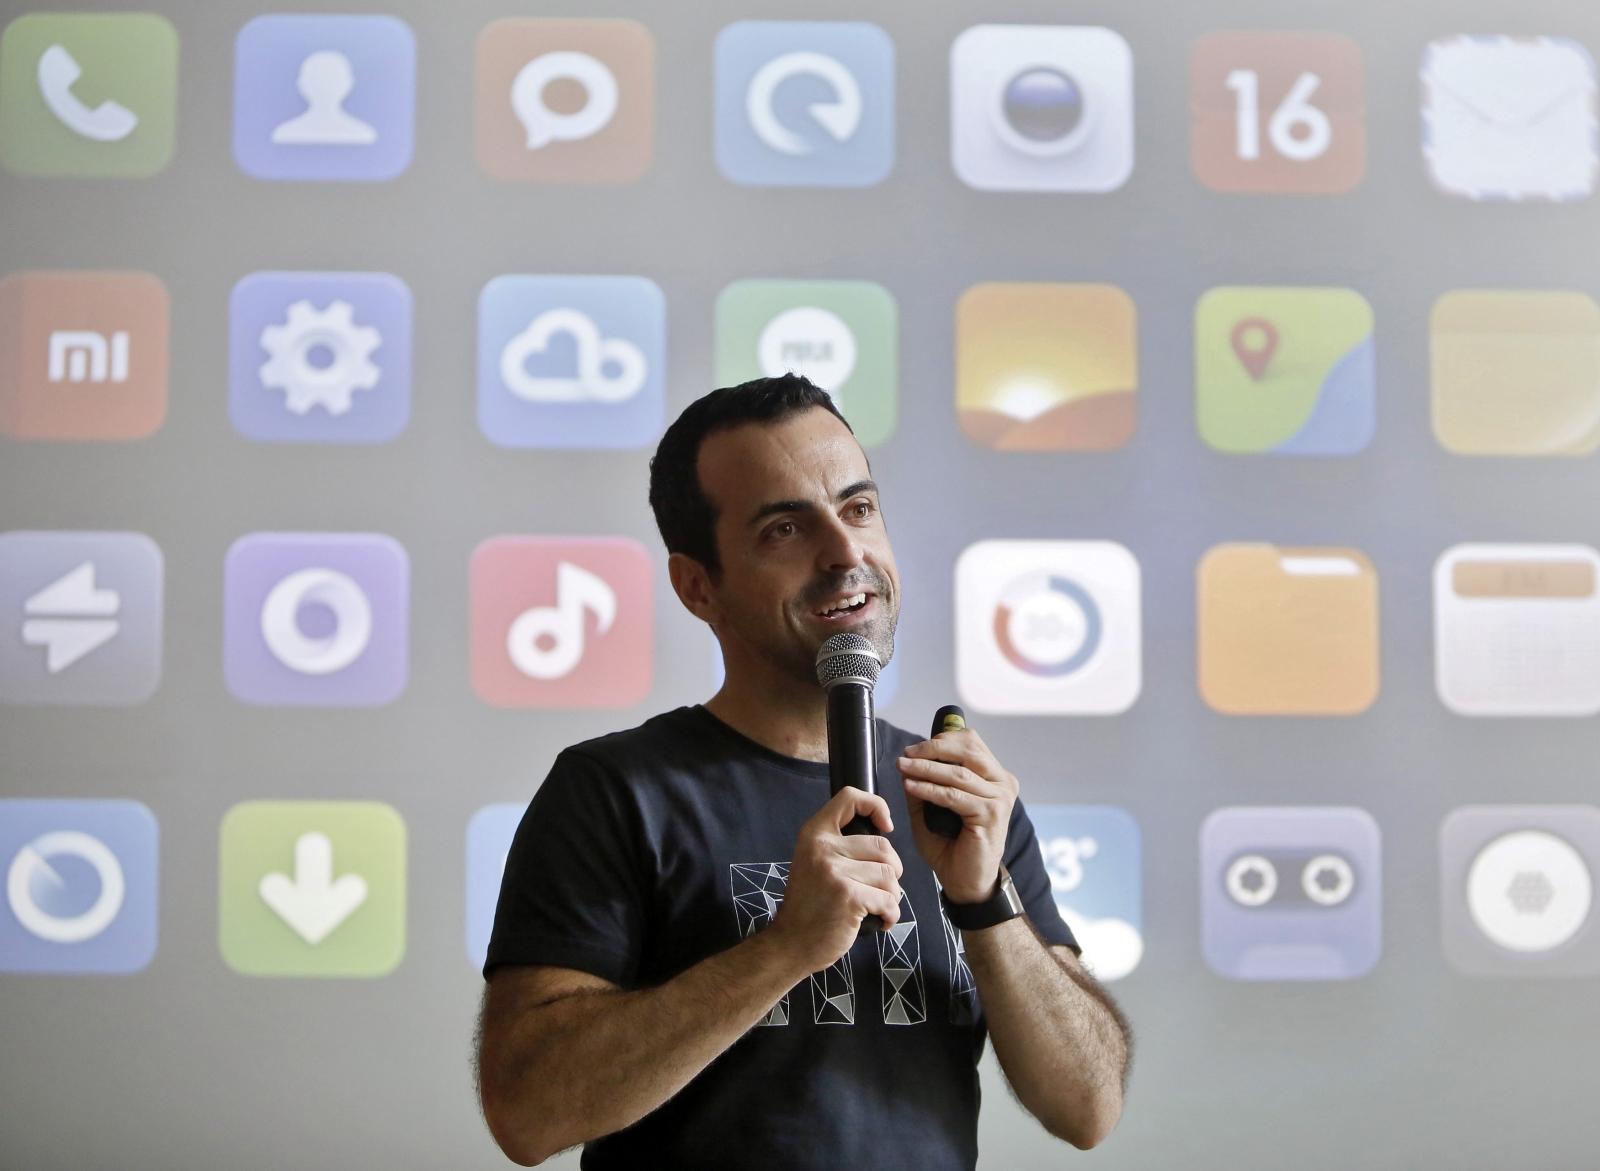 Xiaomi's Hugo Barra